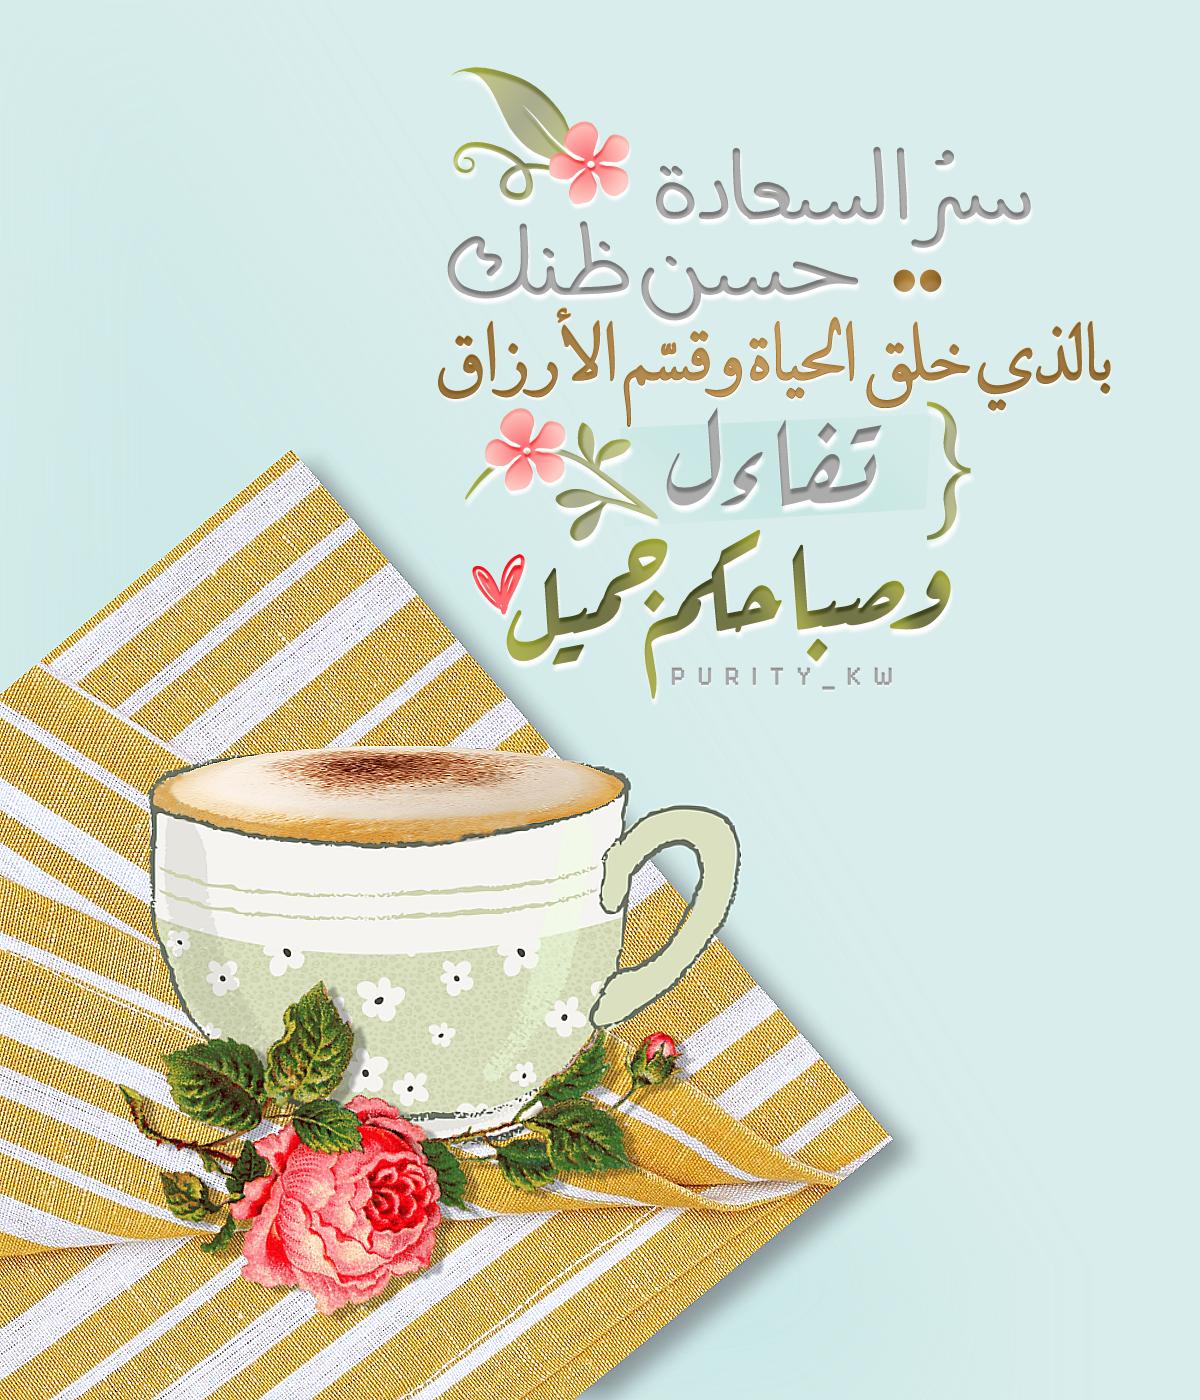 سر السعادة حسن ظنك بالذي خلق الحياة وقس م الأرزاق تفاءل و صباحكم جميل Good Morning Images Flowers Good Morning Animation Beautiful Morning Messages